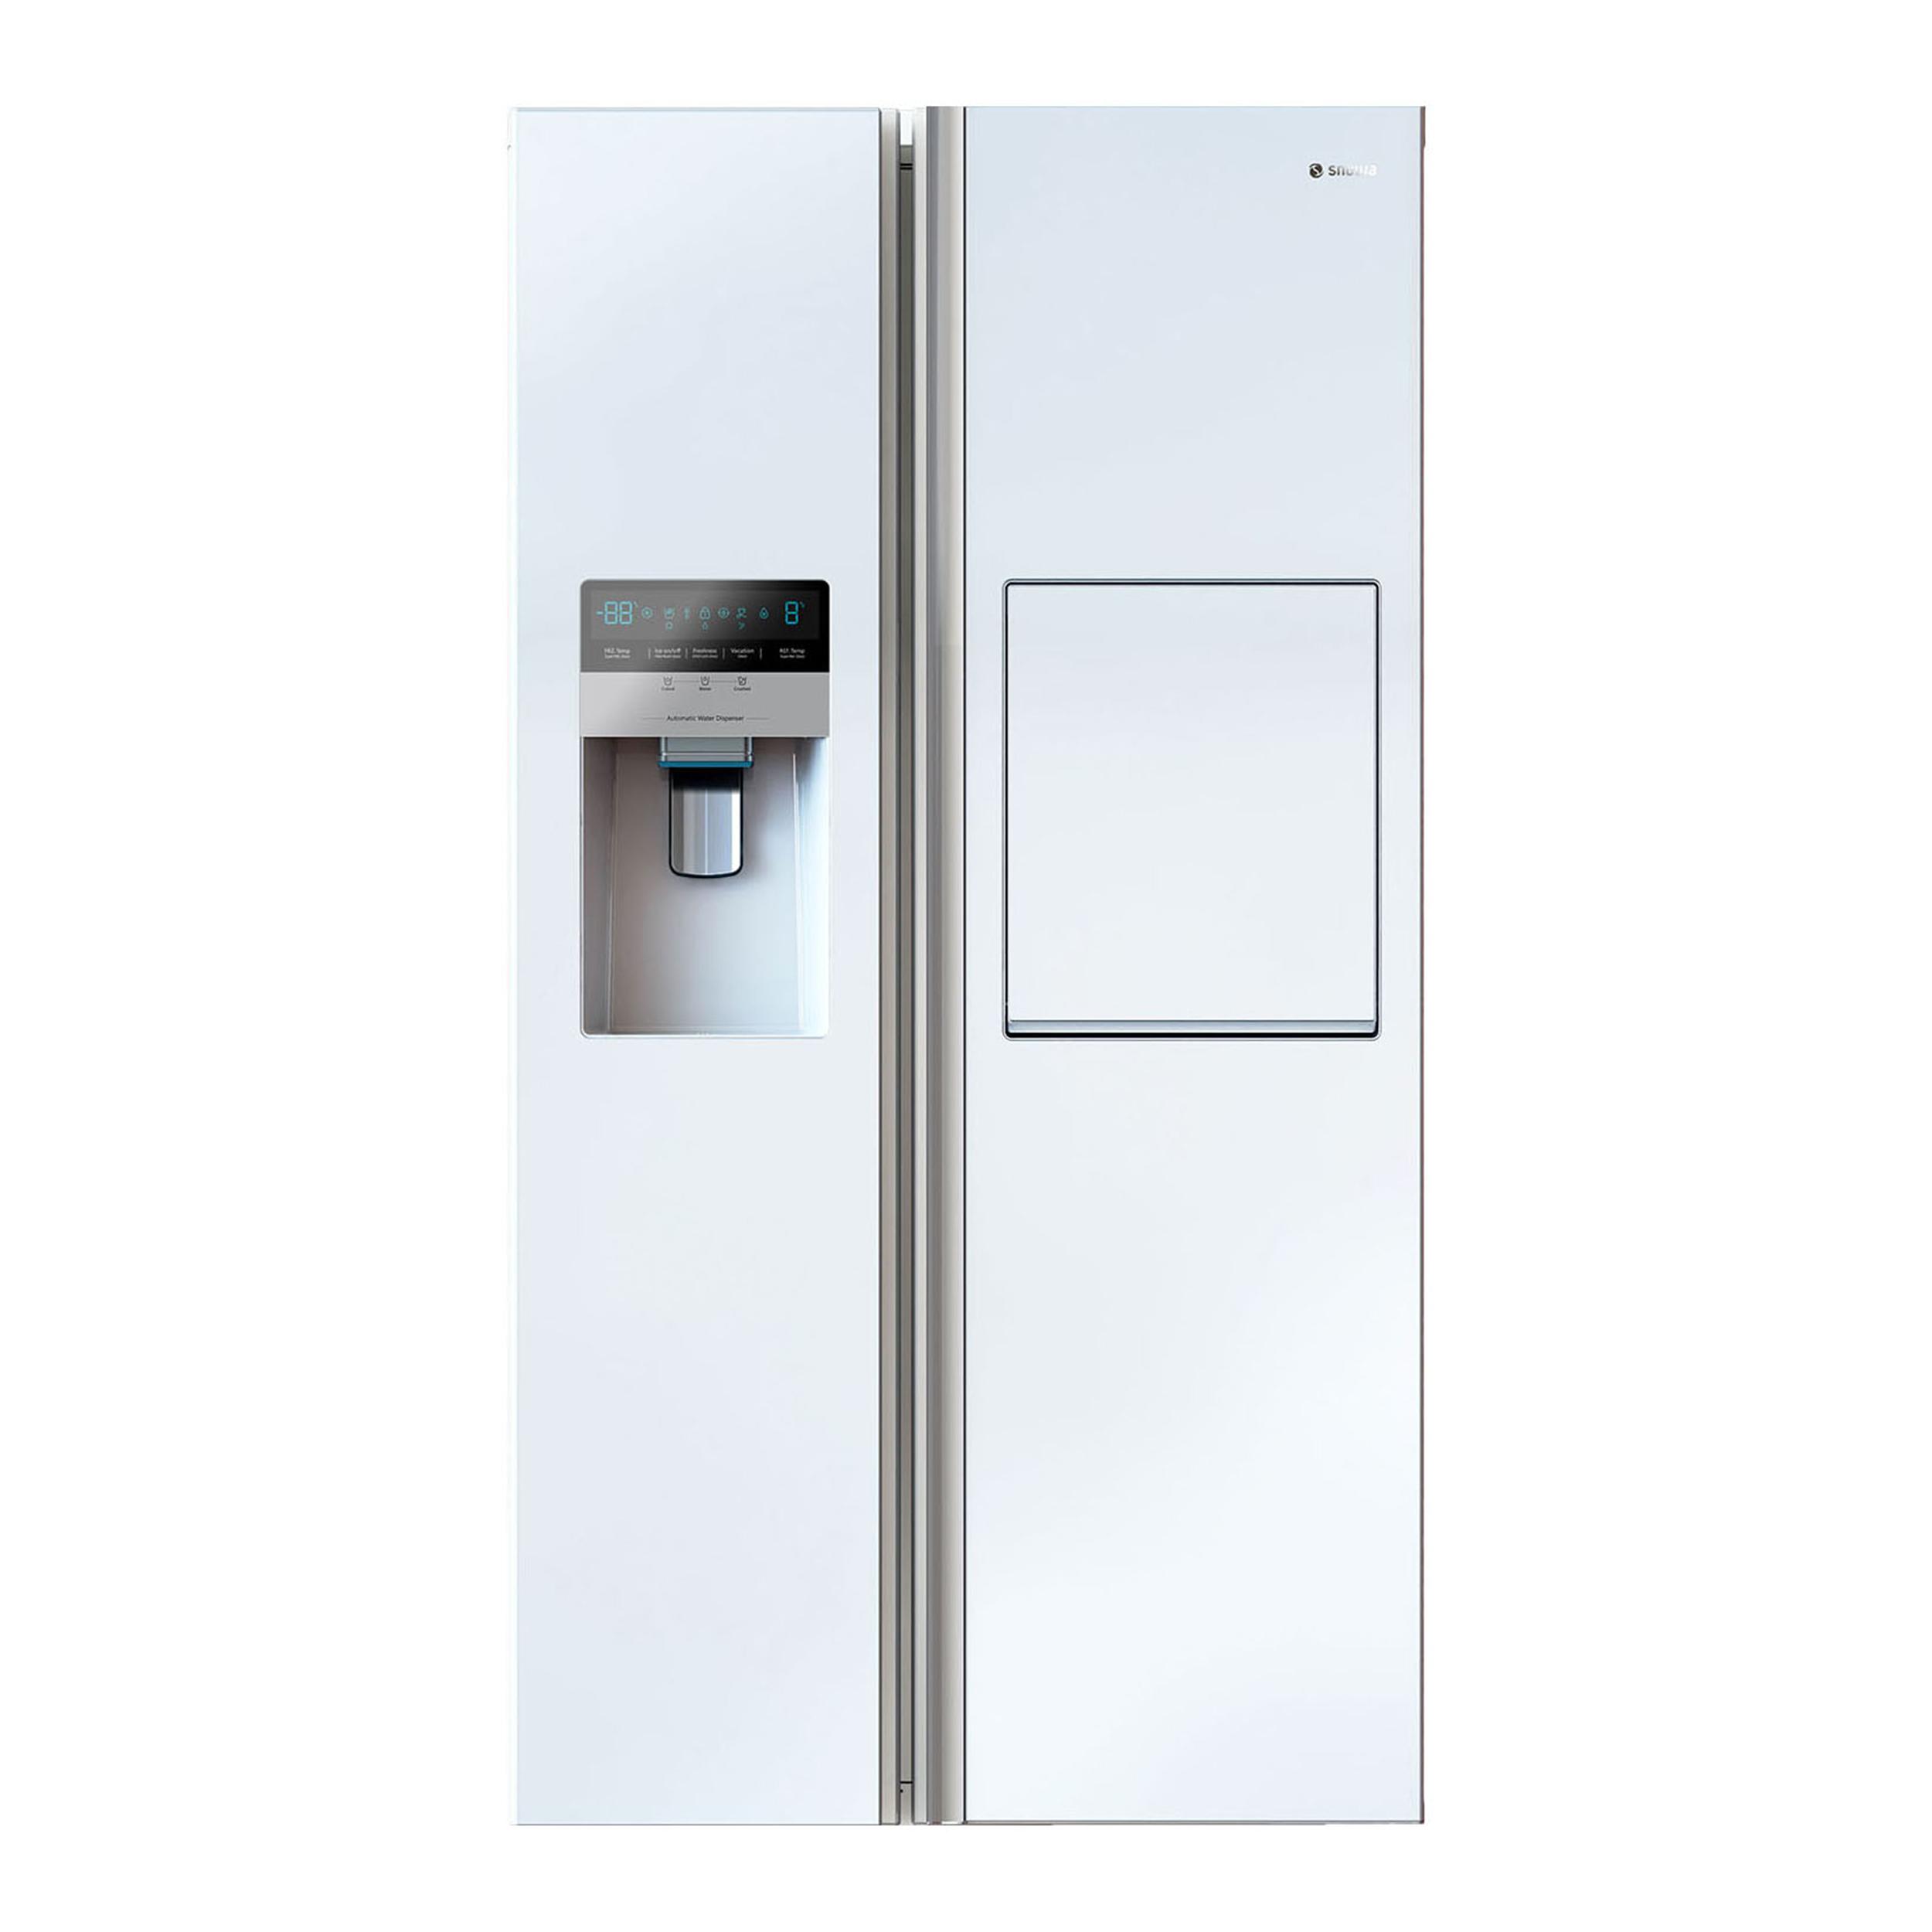 فروش نقدی و اقساطی یخچال و فریزر ساید بای ساید اسنوا مدل S8-2322GW